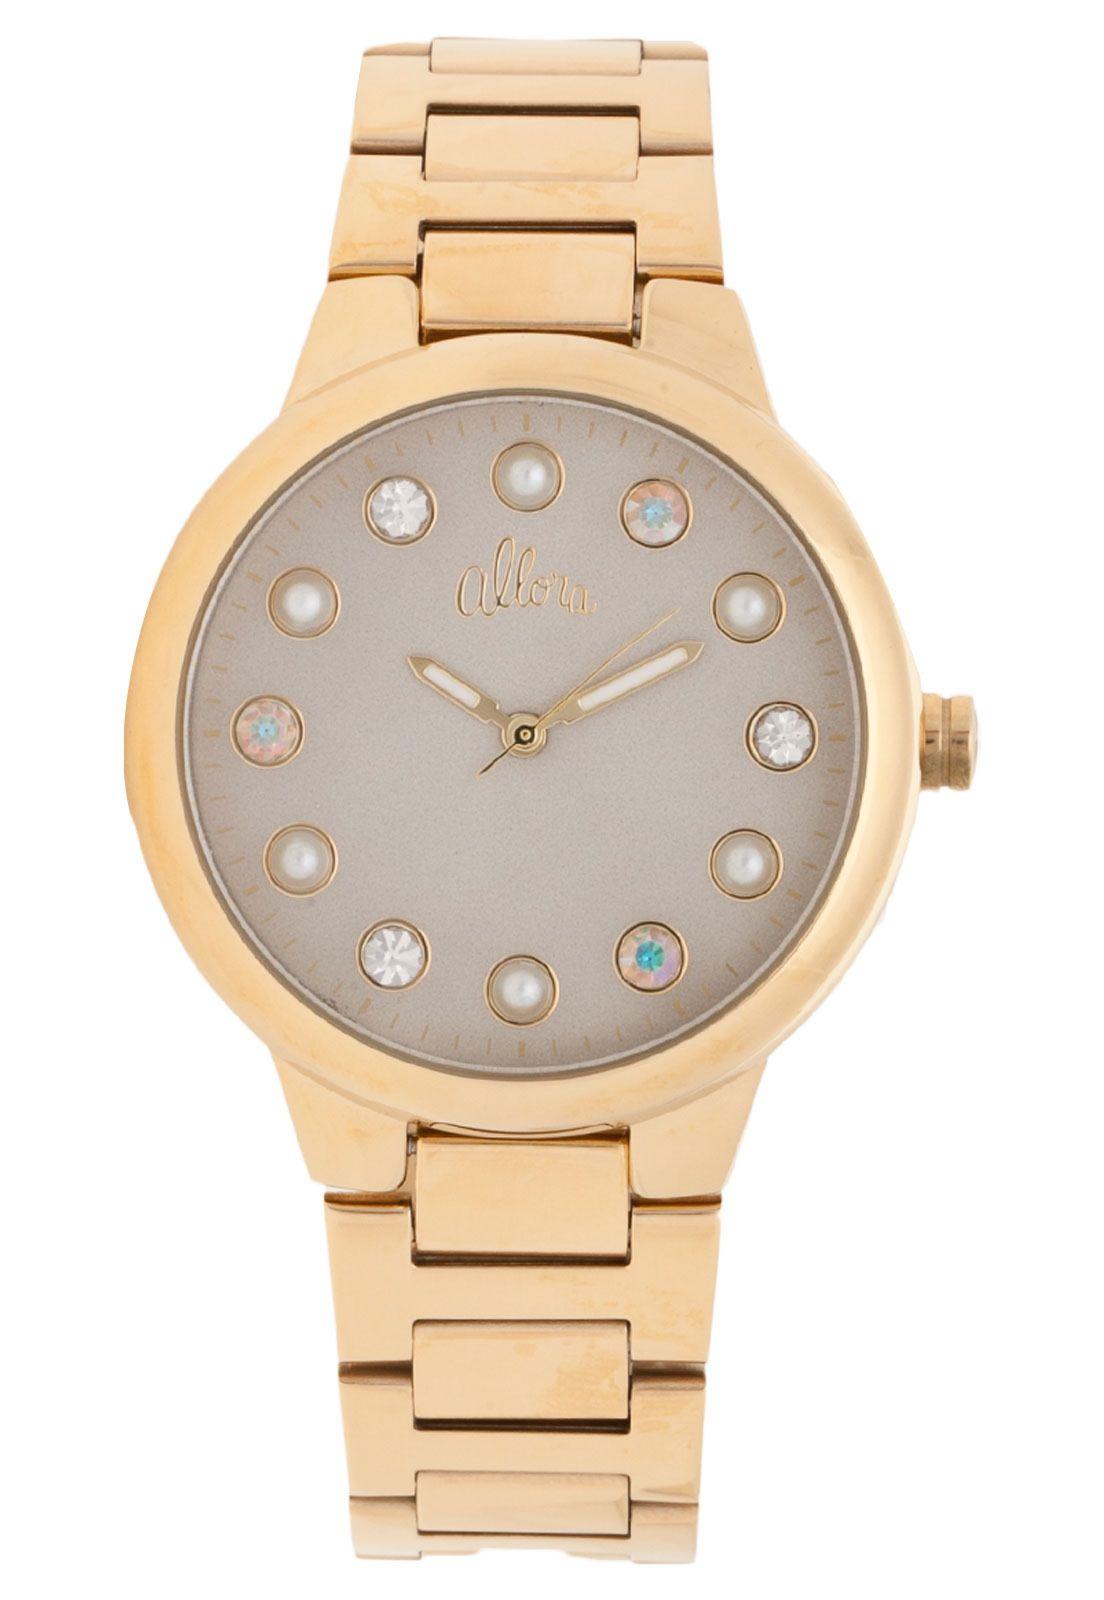 feaca2fae0929 Relógio Allora AL2035LP4C Dourado - Compre Agora